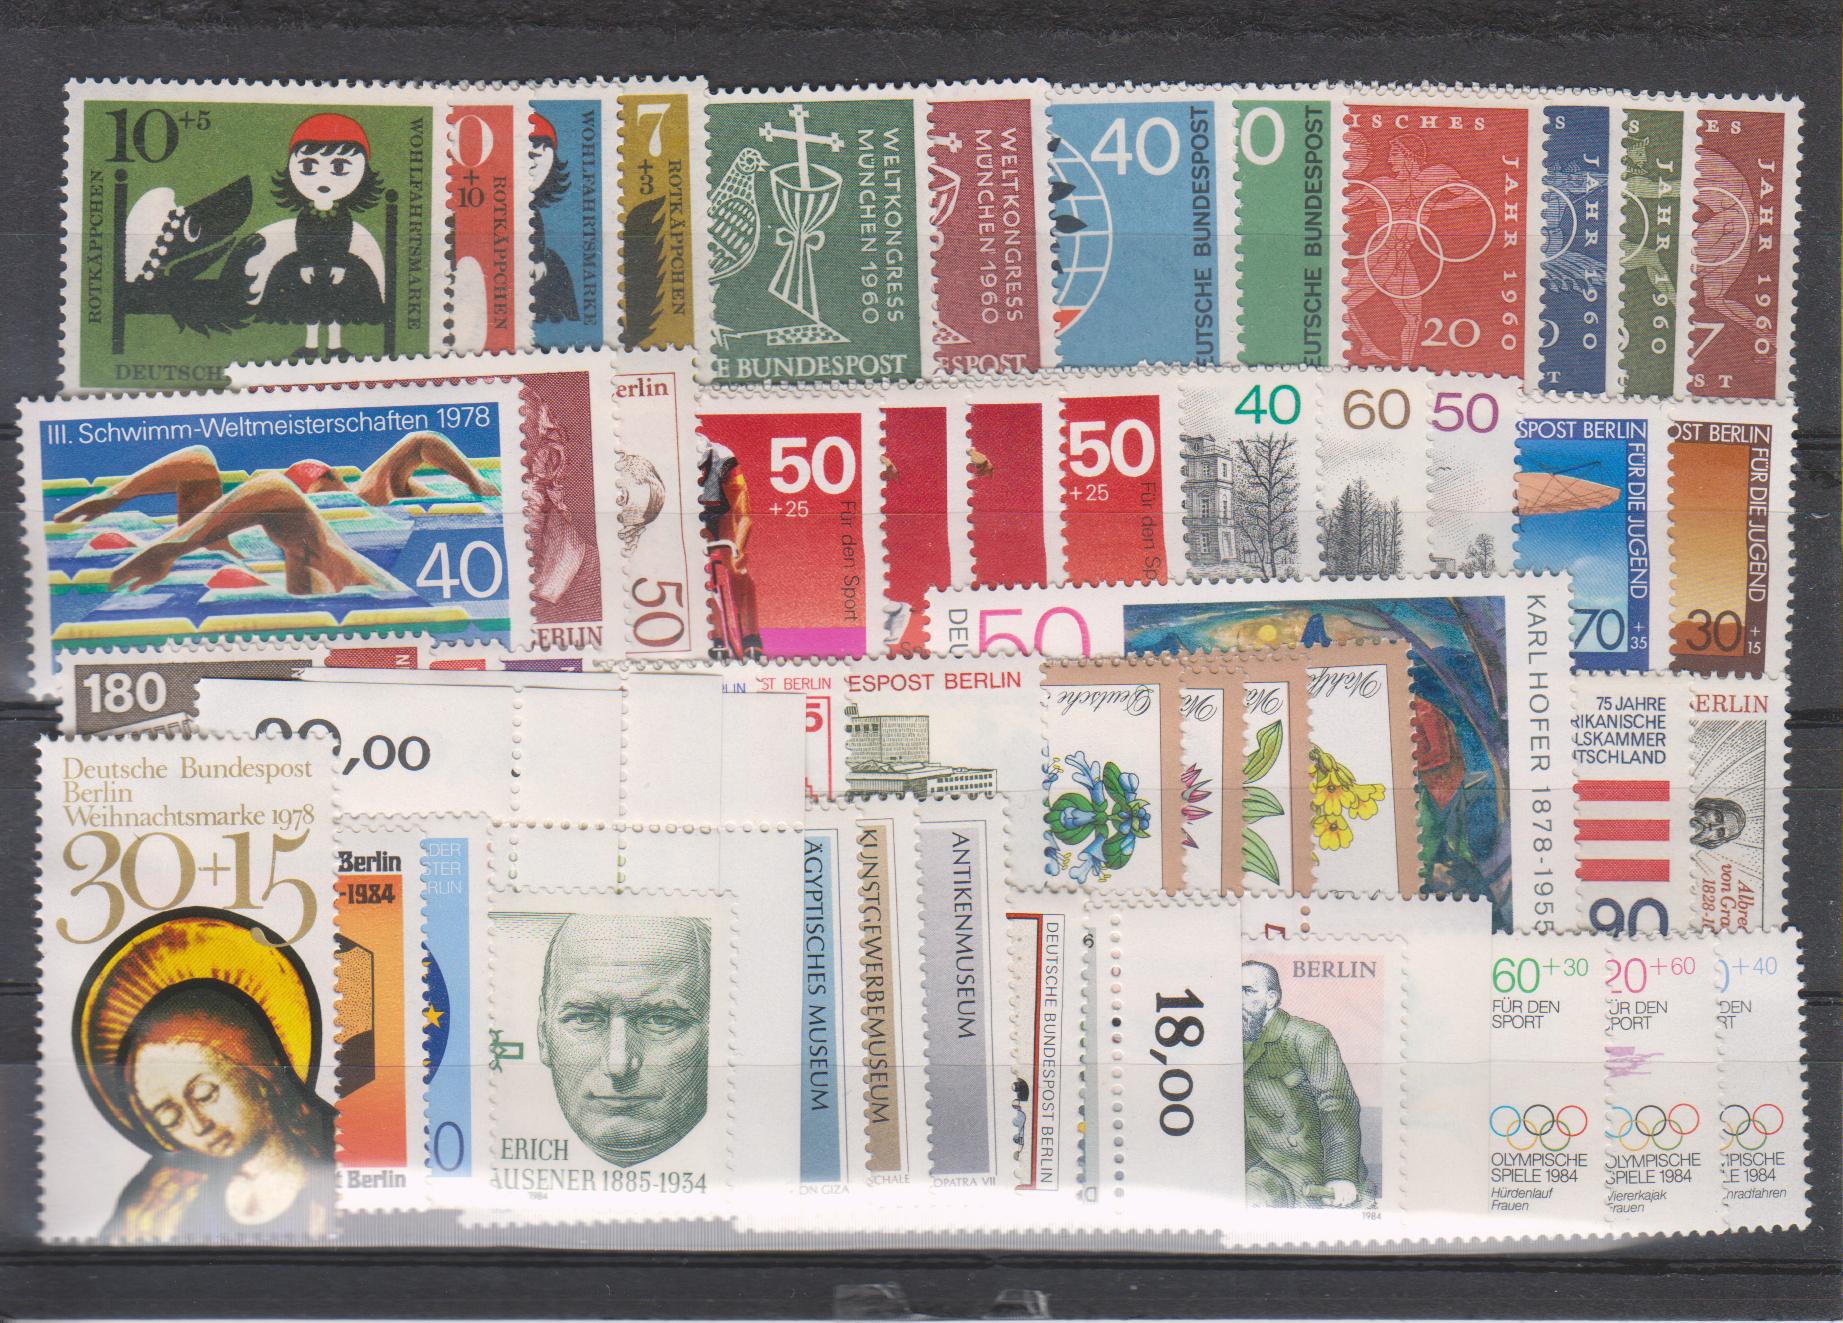 Allemagne / Berlin - Collection de bonnes valeurs neuves ** (2 photos) - Cote €102